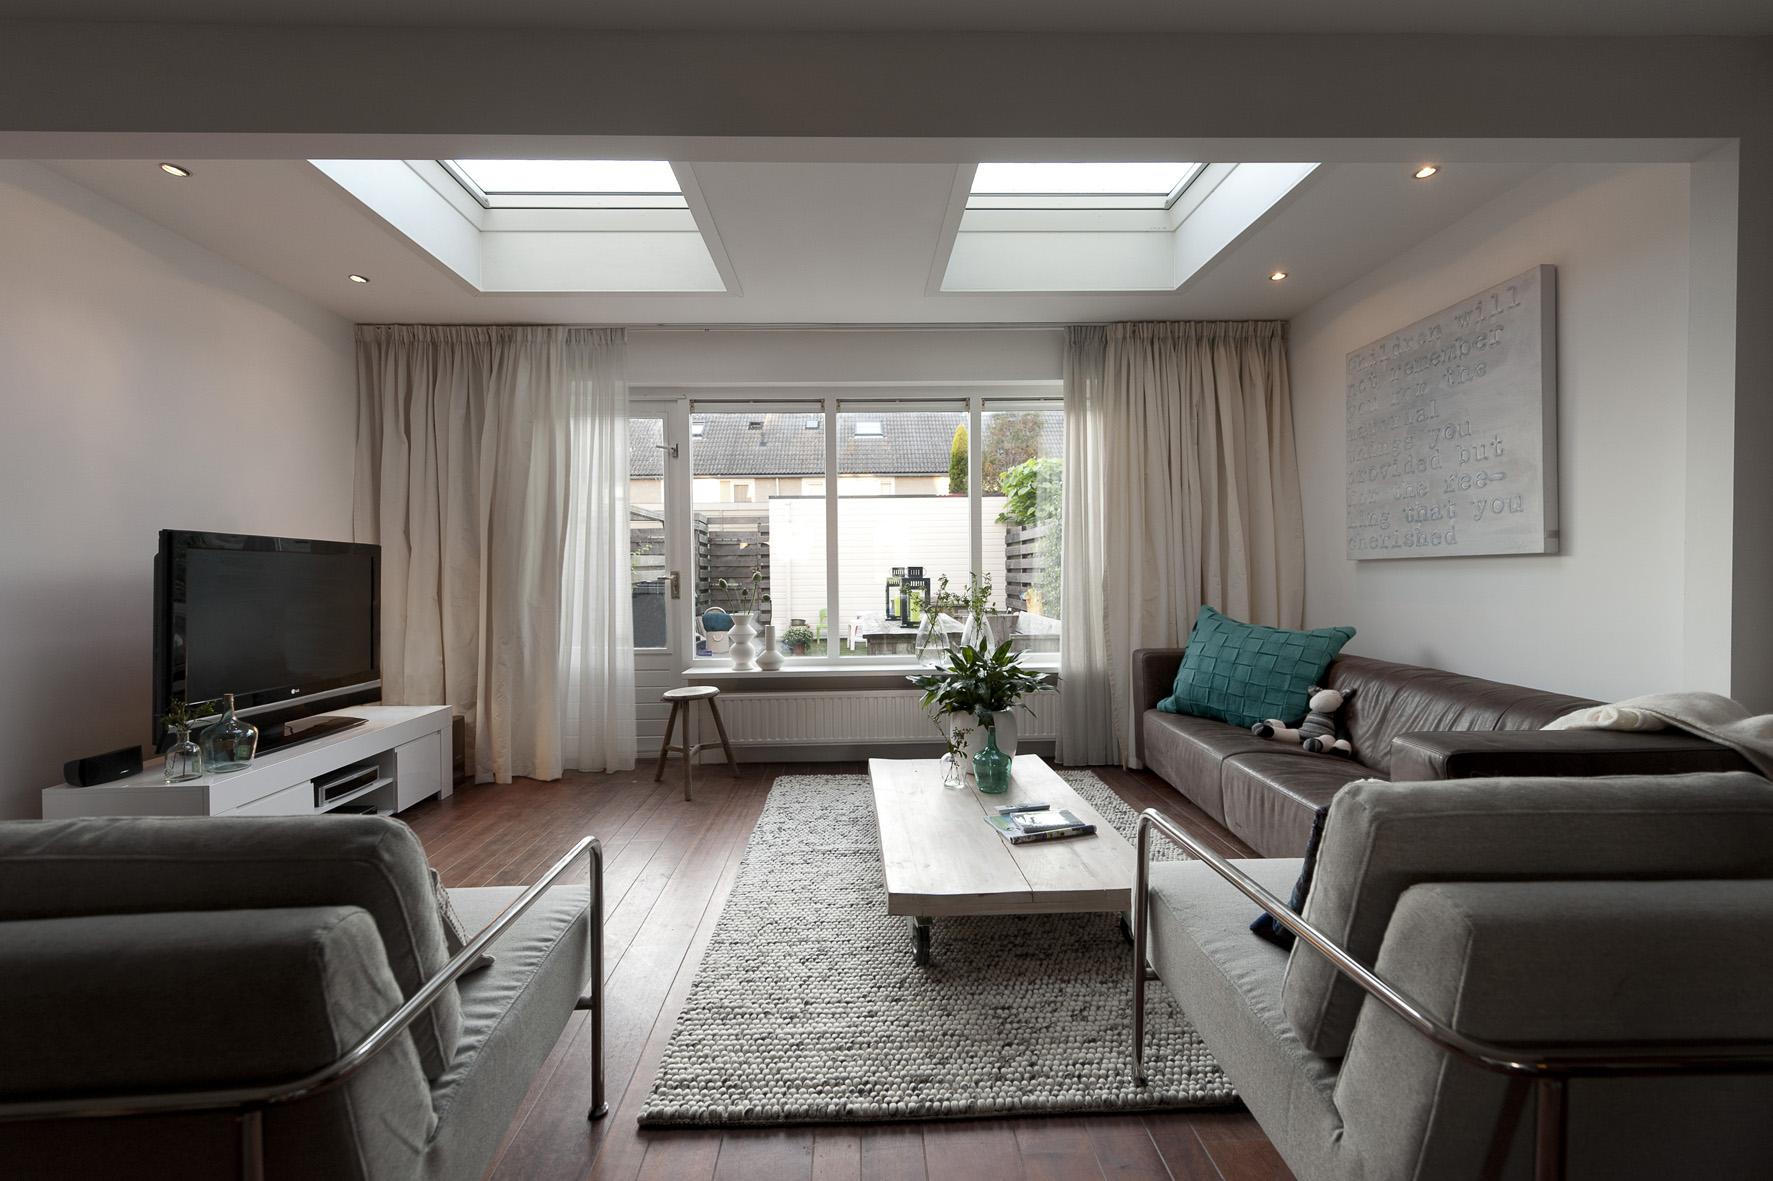 Grote woonkamer ideeen: zonwering op zonne energie voor ...